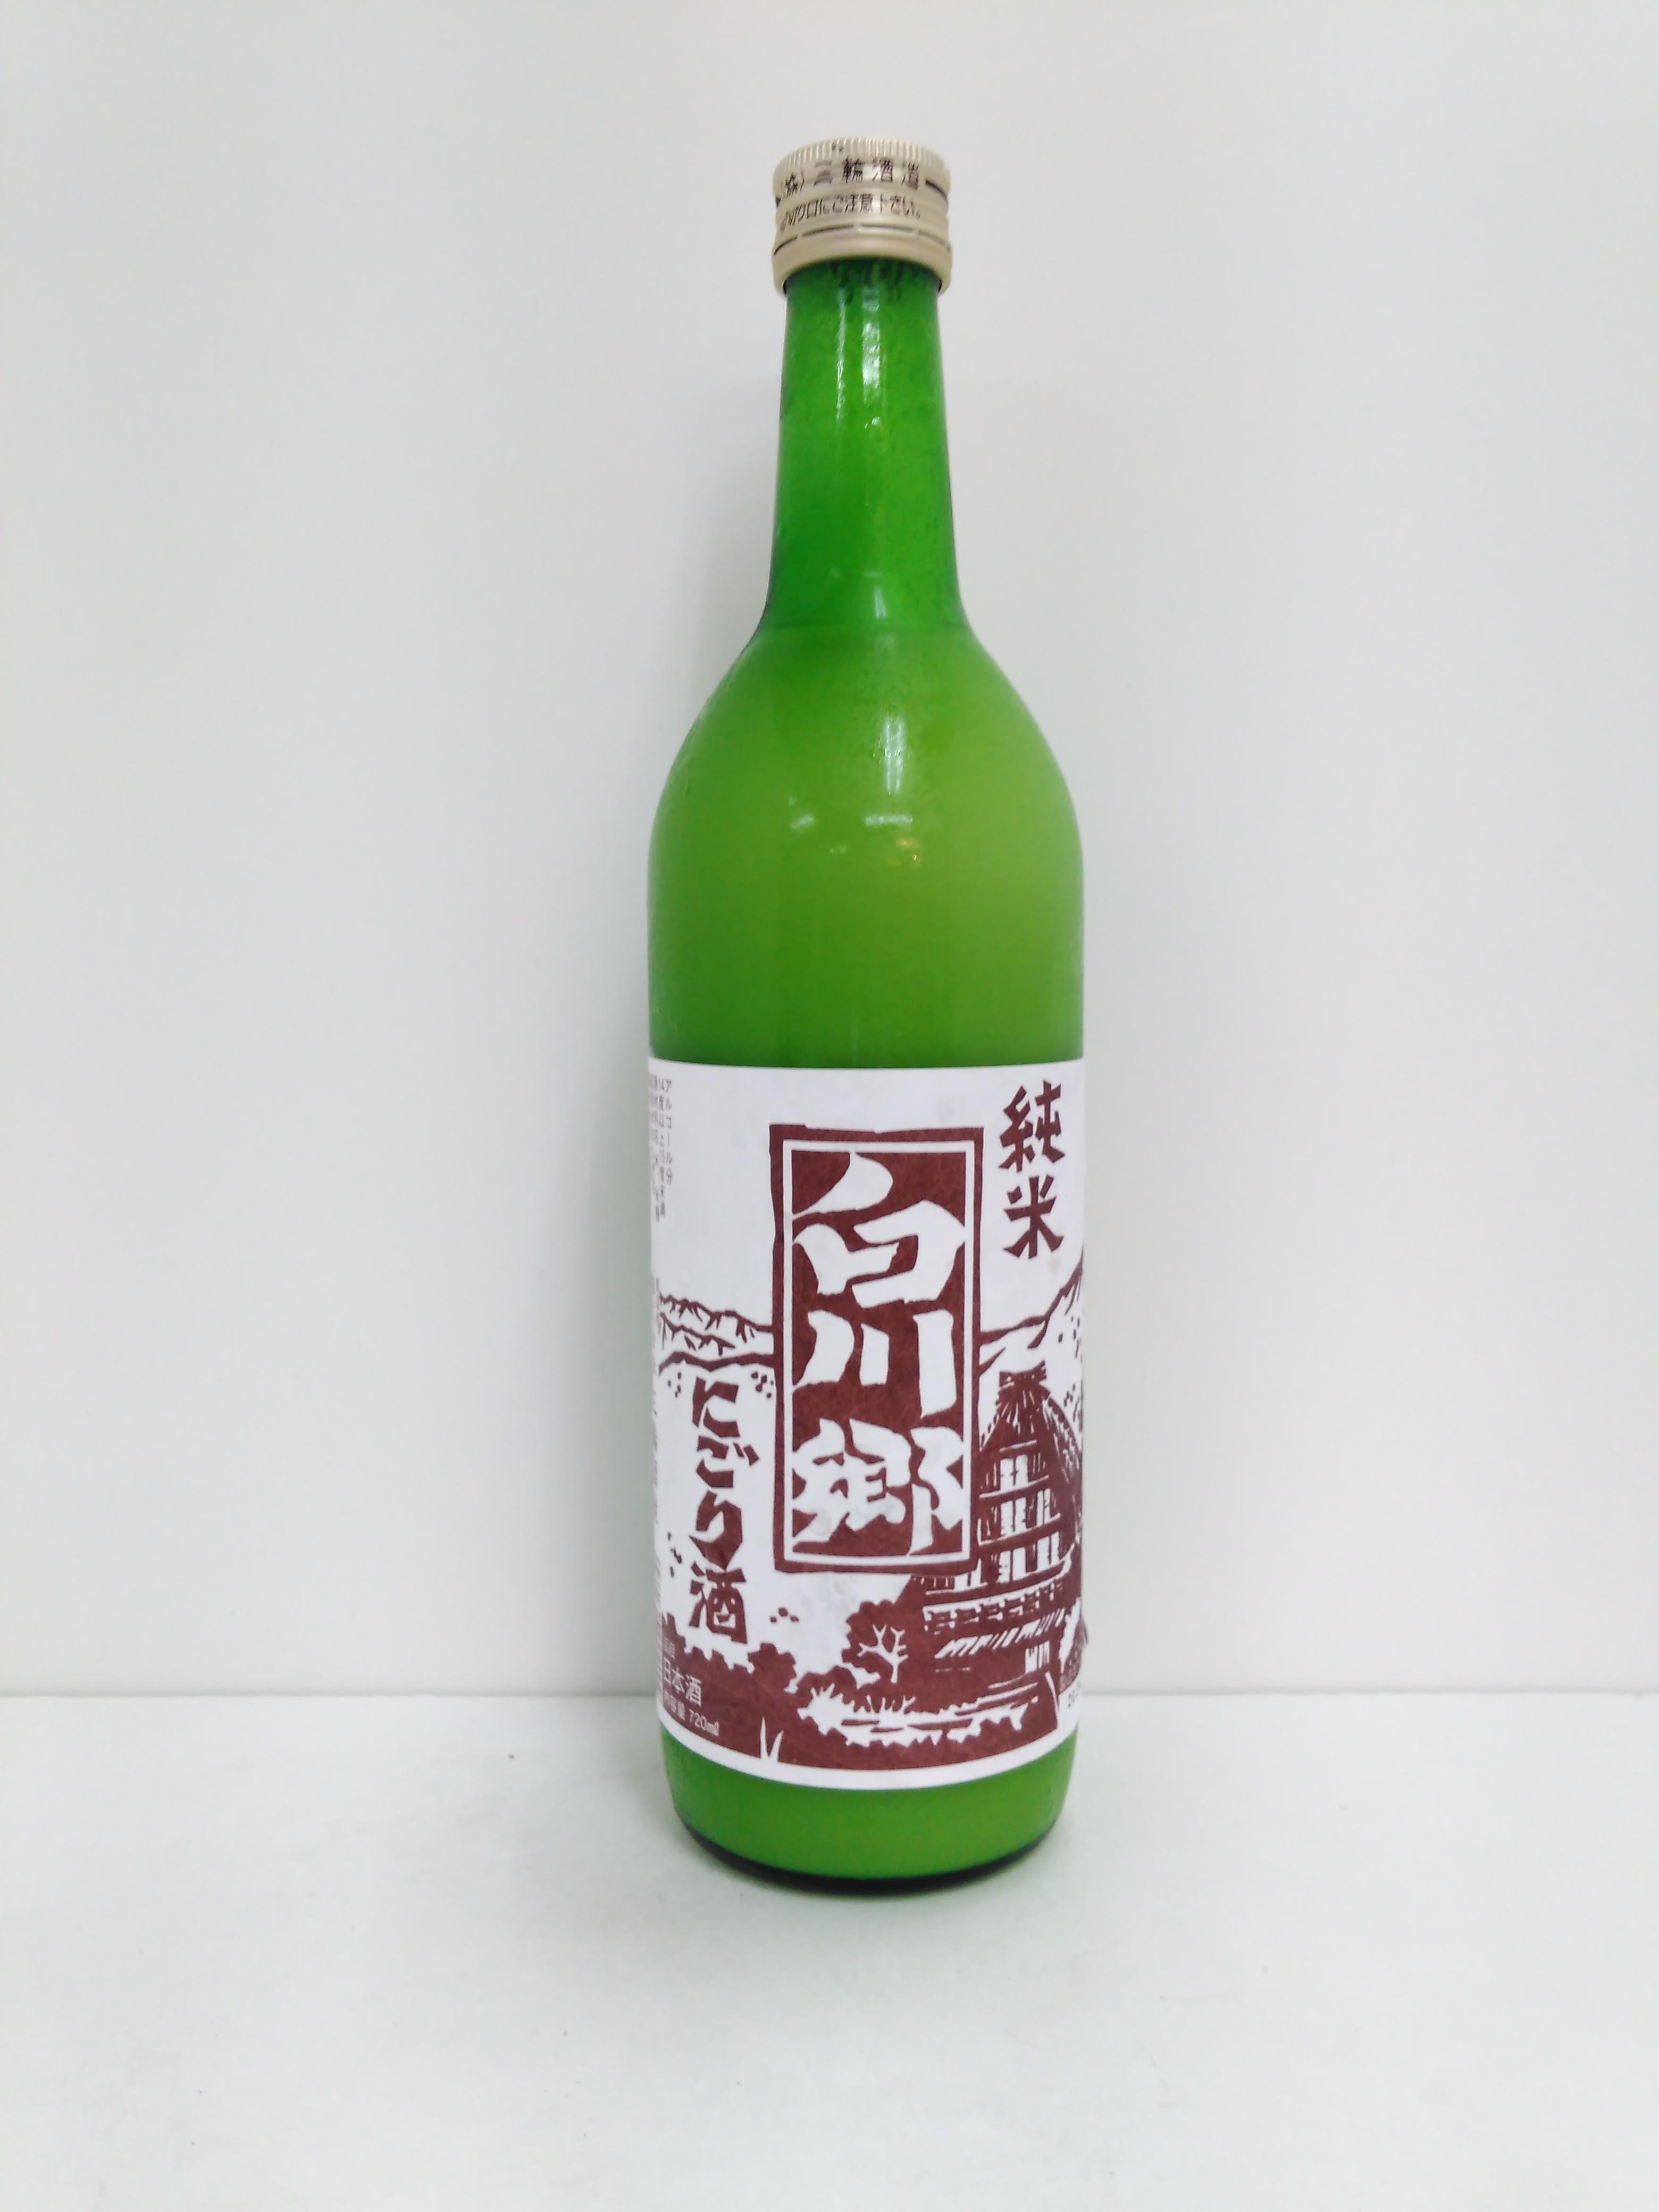 【TAKEYAスマイル便 対象品】三輪酒造 白川郷 純米にごり 720ml